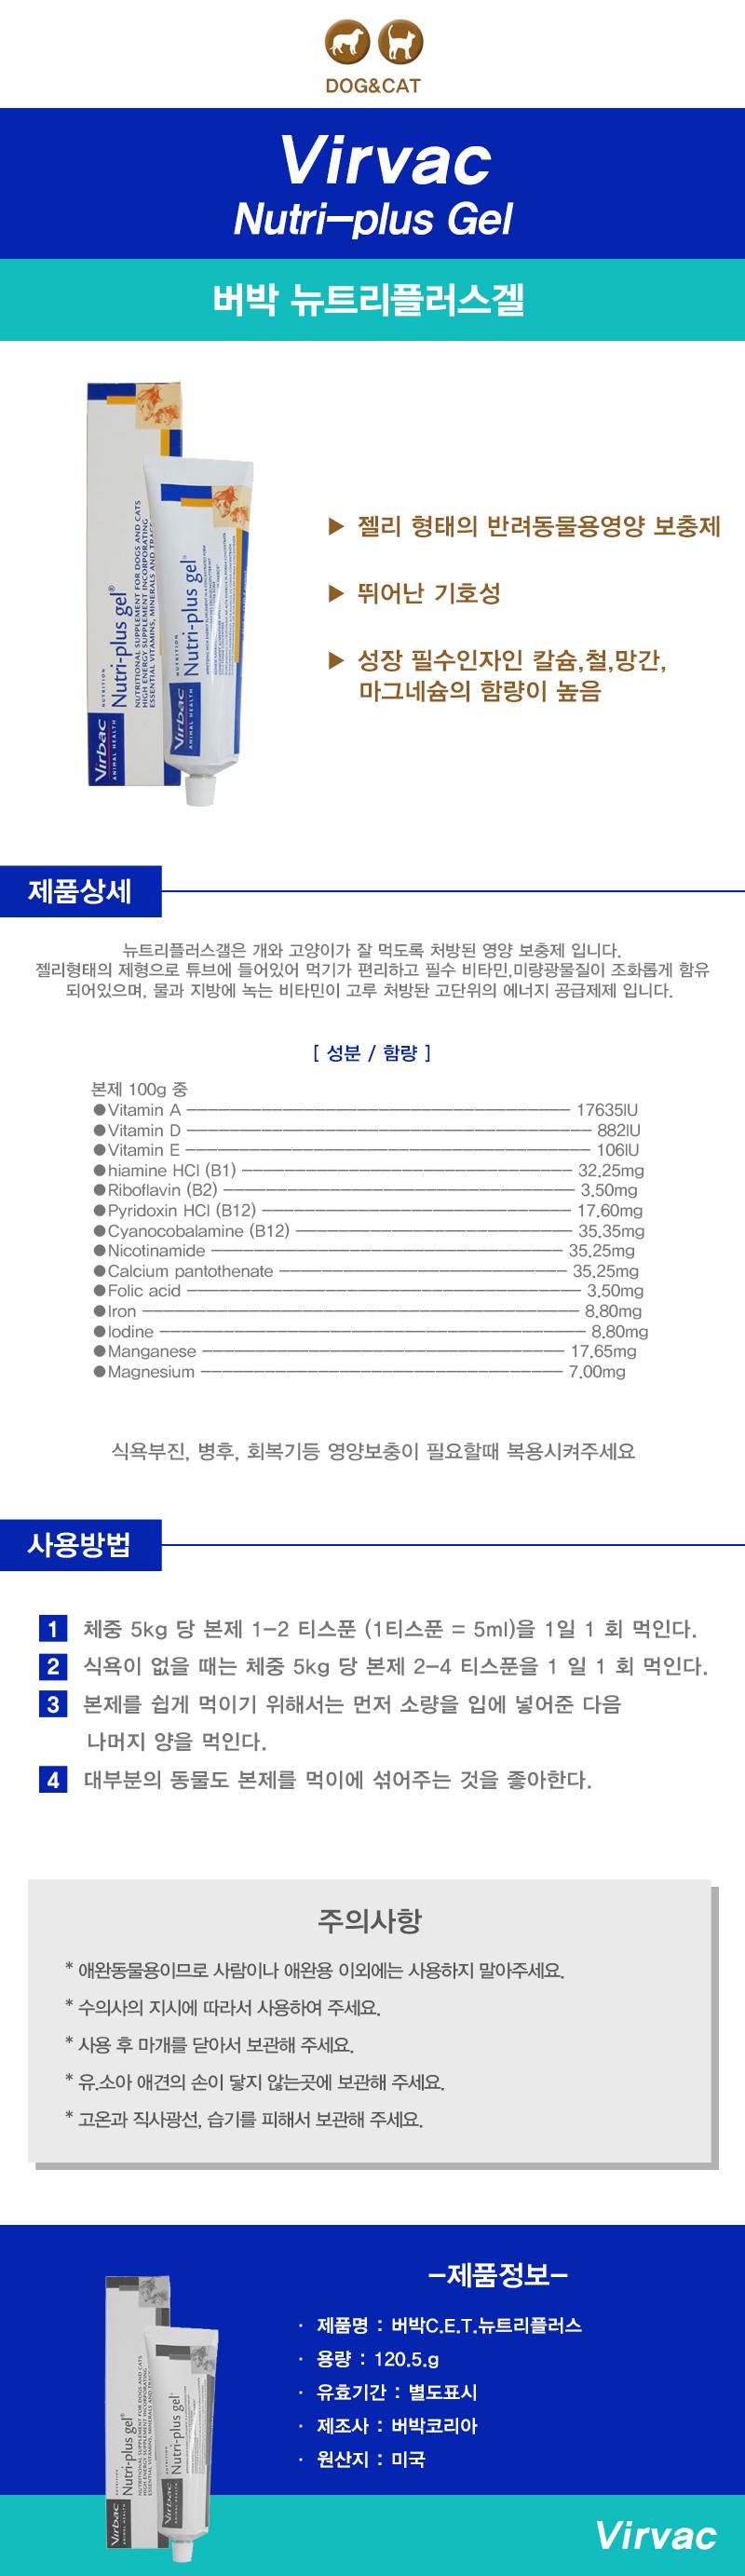 버박 뉴트리 플러스겔 120.5g - 오-앤, 25,000원, 간식/영양제, 영양보호제